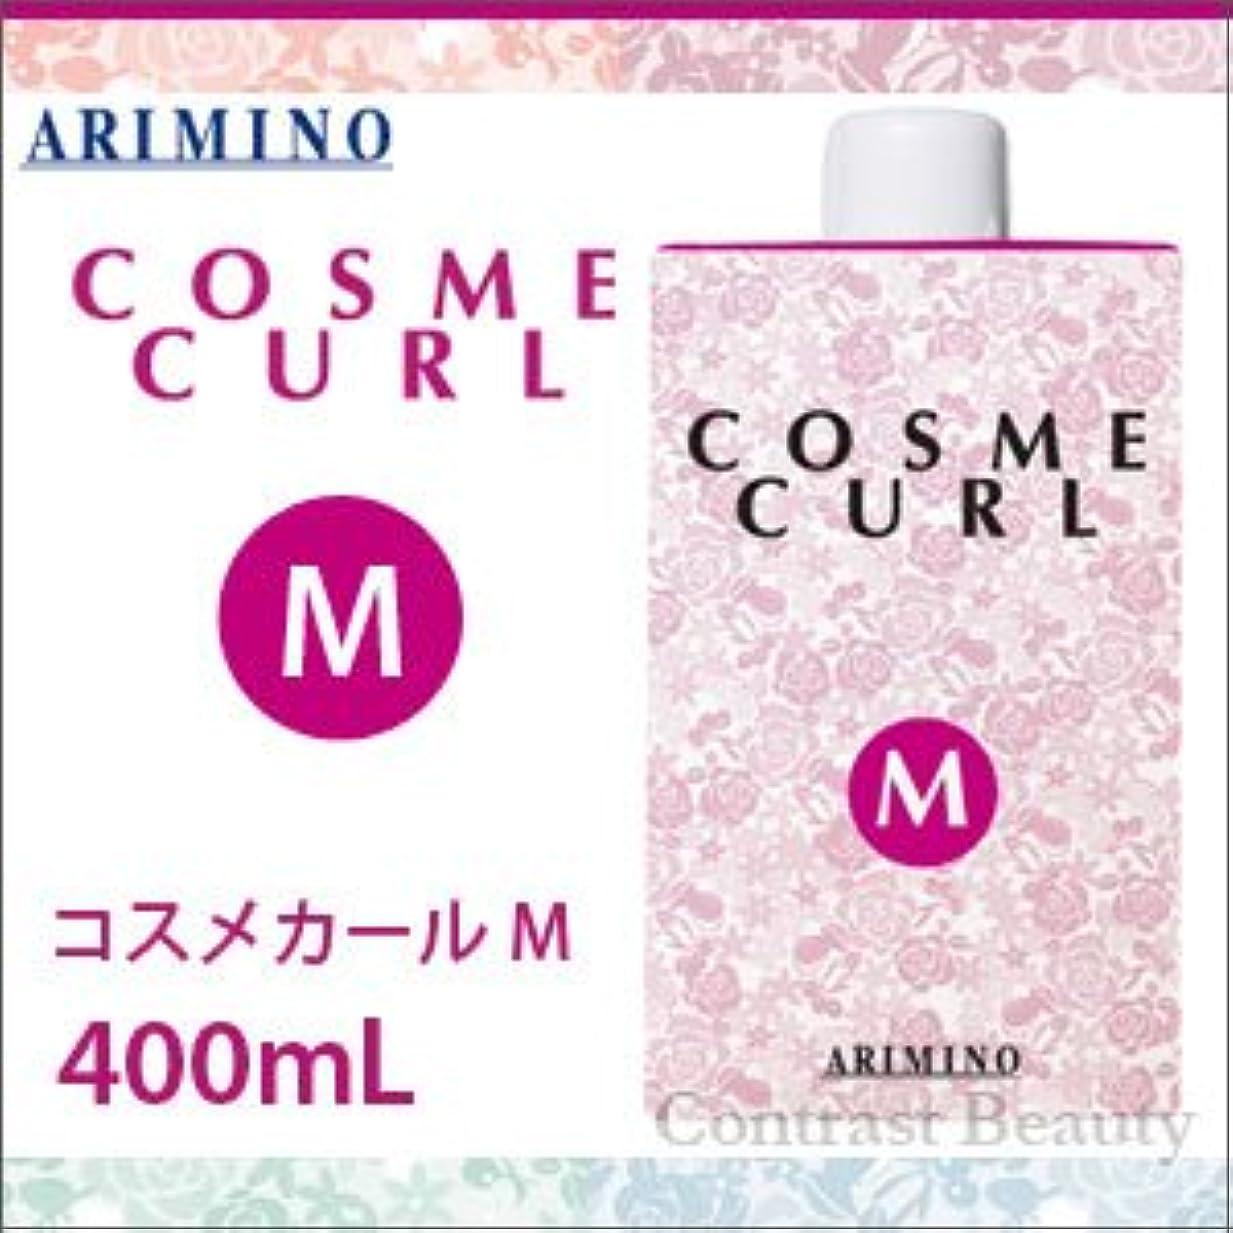 ウェーハできれば袋【X3個セット】 アリミノ コスメカール M 400ml